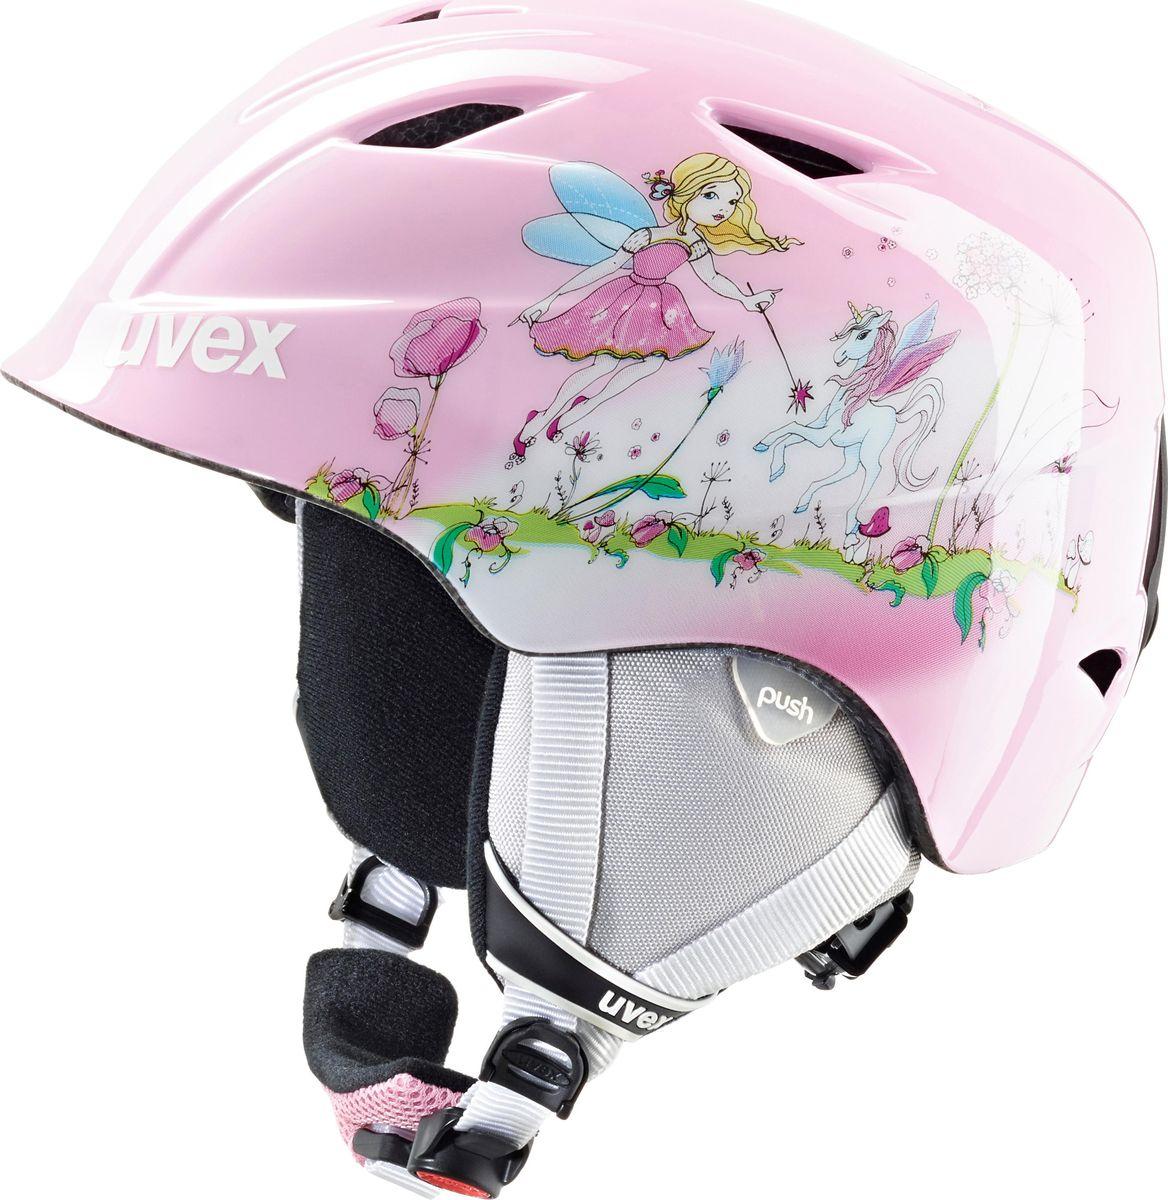 Шлем горнолыжный детский Uvex Airwing 2 Kids Helmet, фея. Размер XS6132Детский шлем Uvex Airwing 2 обеспечит юному лыжнику максимальный комфорт на склоне. В модели предусмотрены система вентиляции, съемная защита ушей и фиксатор стрэпа маски. Система индивидуальной подгонки размера IAS и застежка Monomatic позволят надежно закрепить шлем на голове. Подкладка выполнена из гипоаллергенного материала.